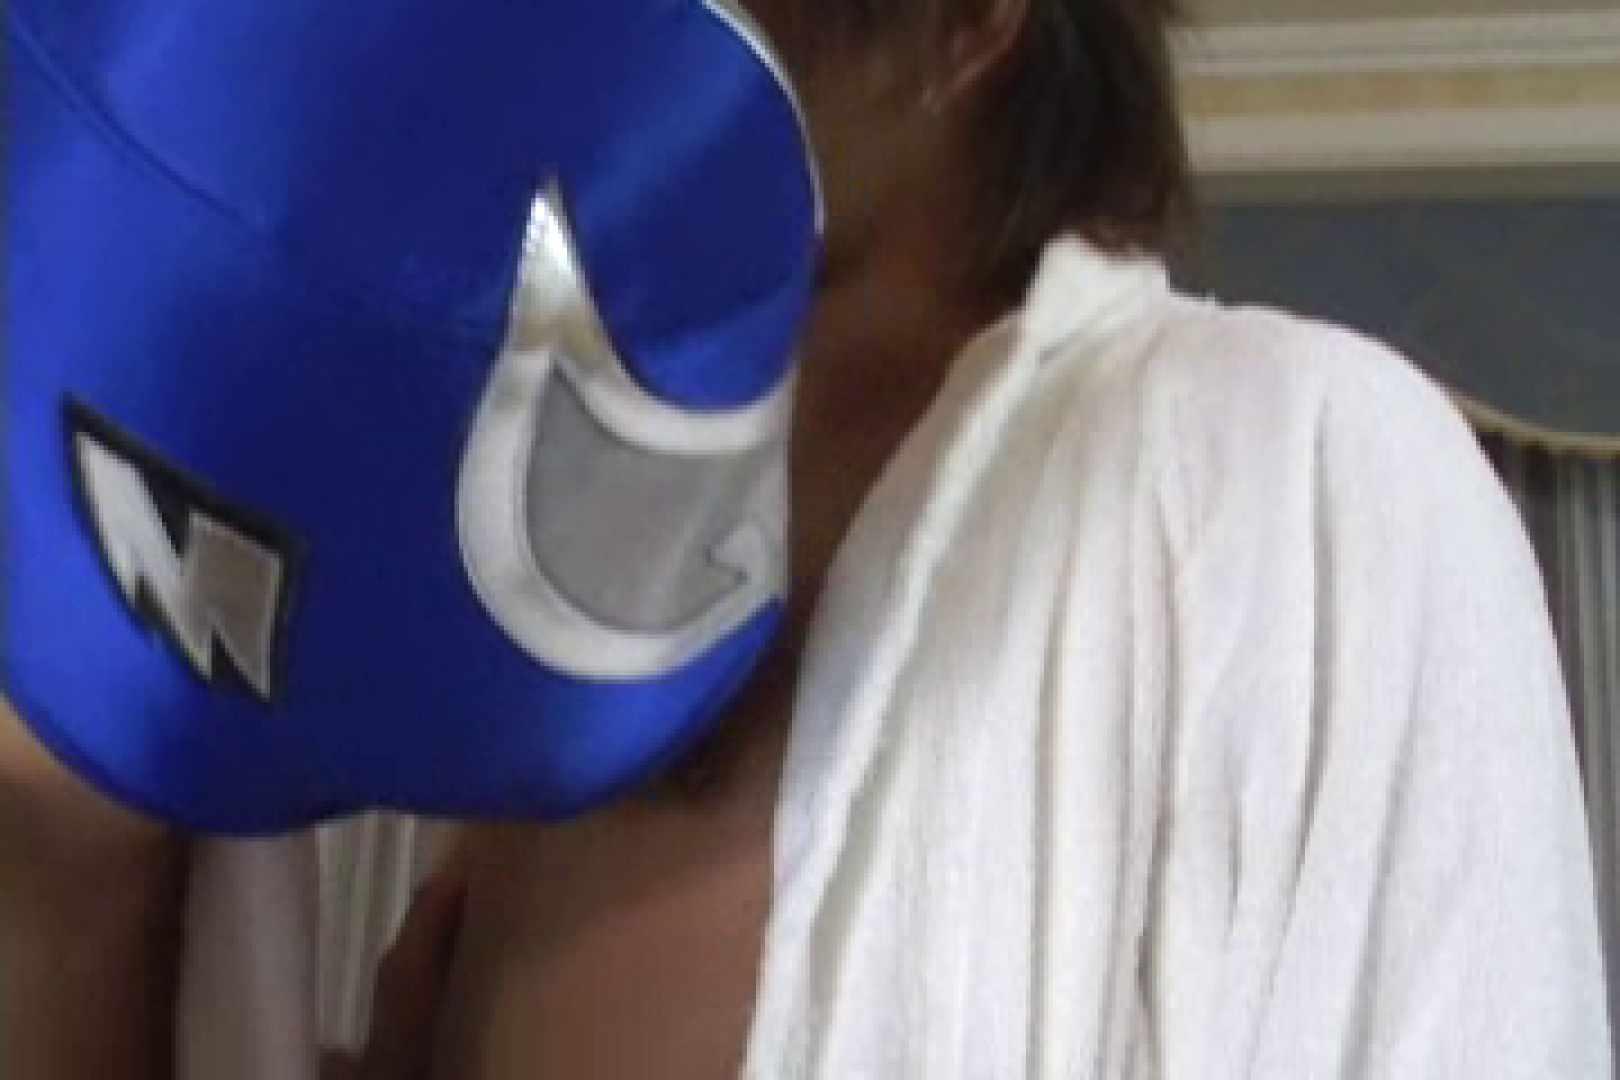 美しいmensは雄マラが大好き!!vol.05 入浴・シャワーシーン   イケメンのゲイ達  67枚 40